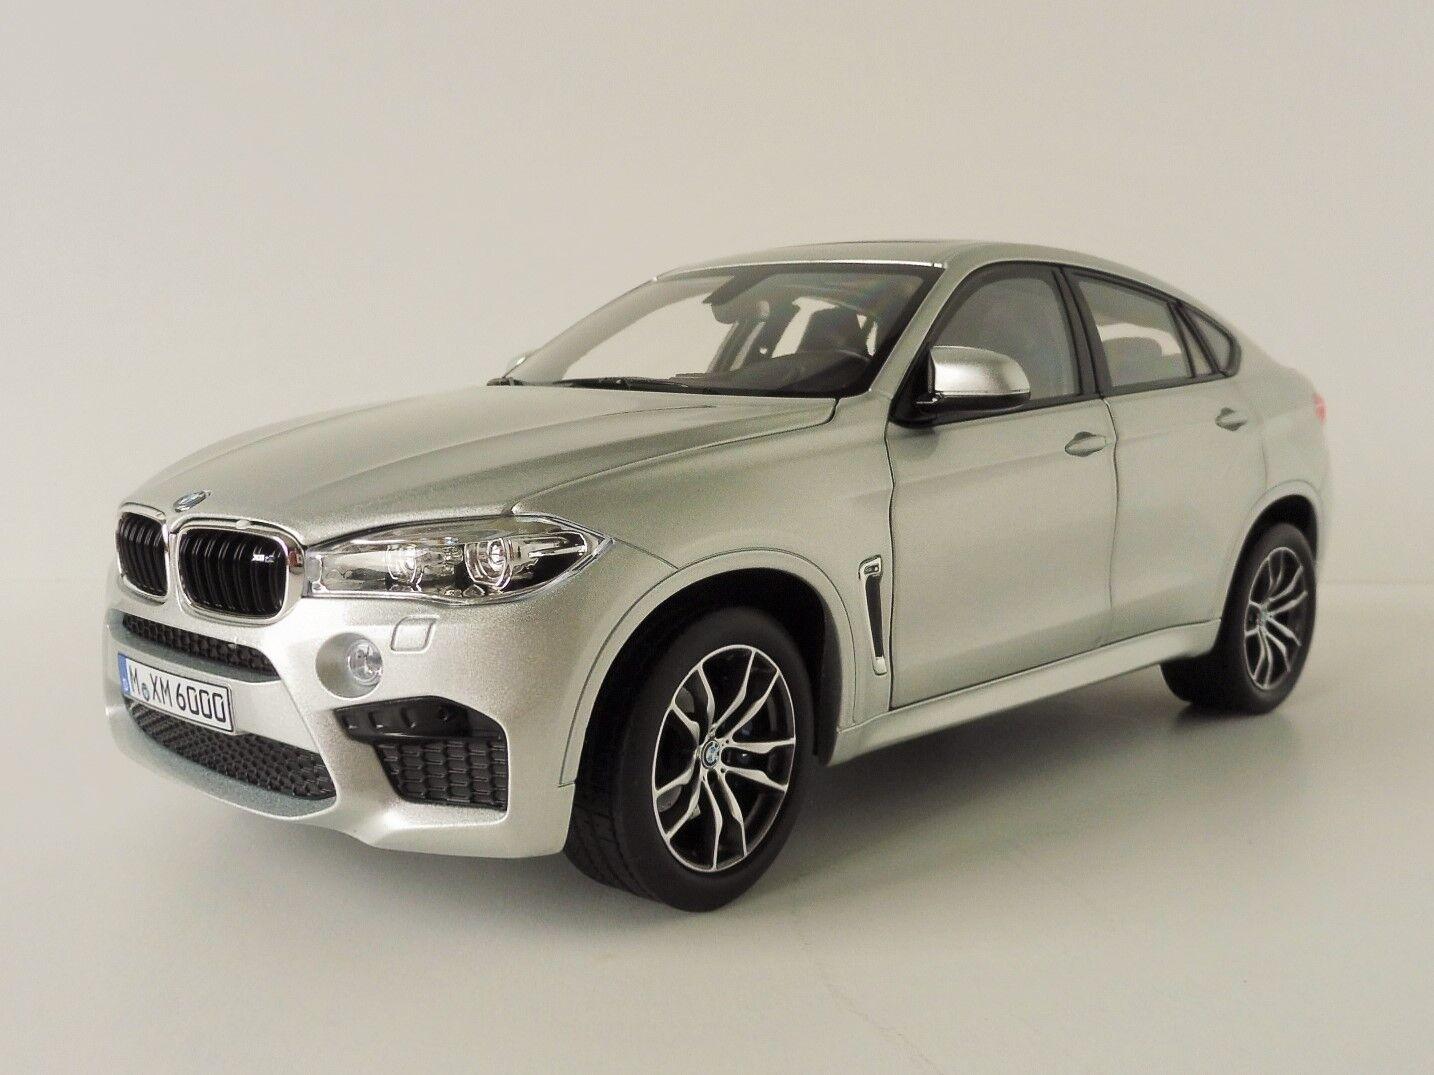 BMW X6 M 2015 silver 1 18 Norev 183200 Sac SUV F16